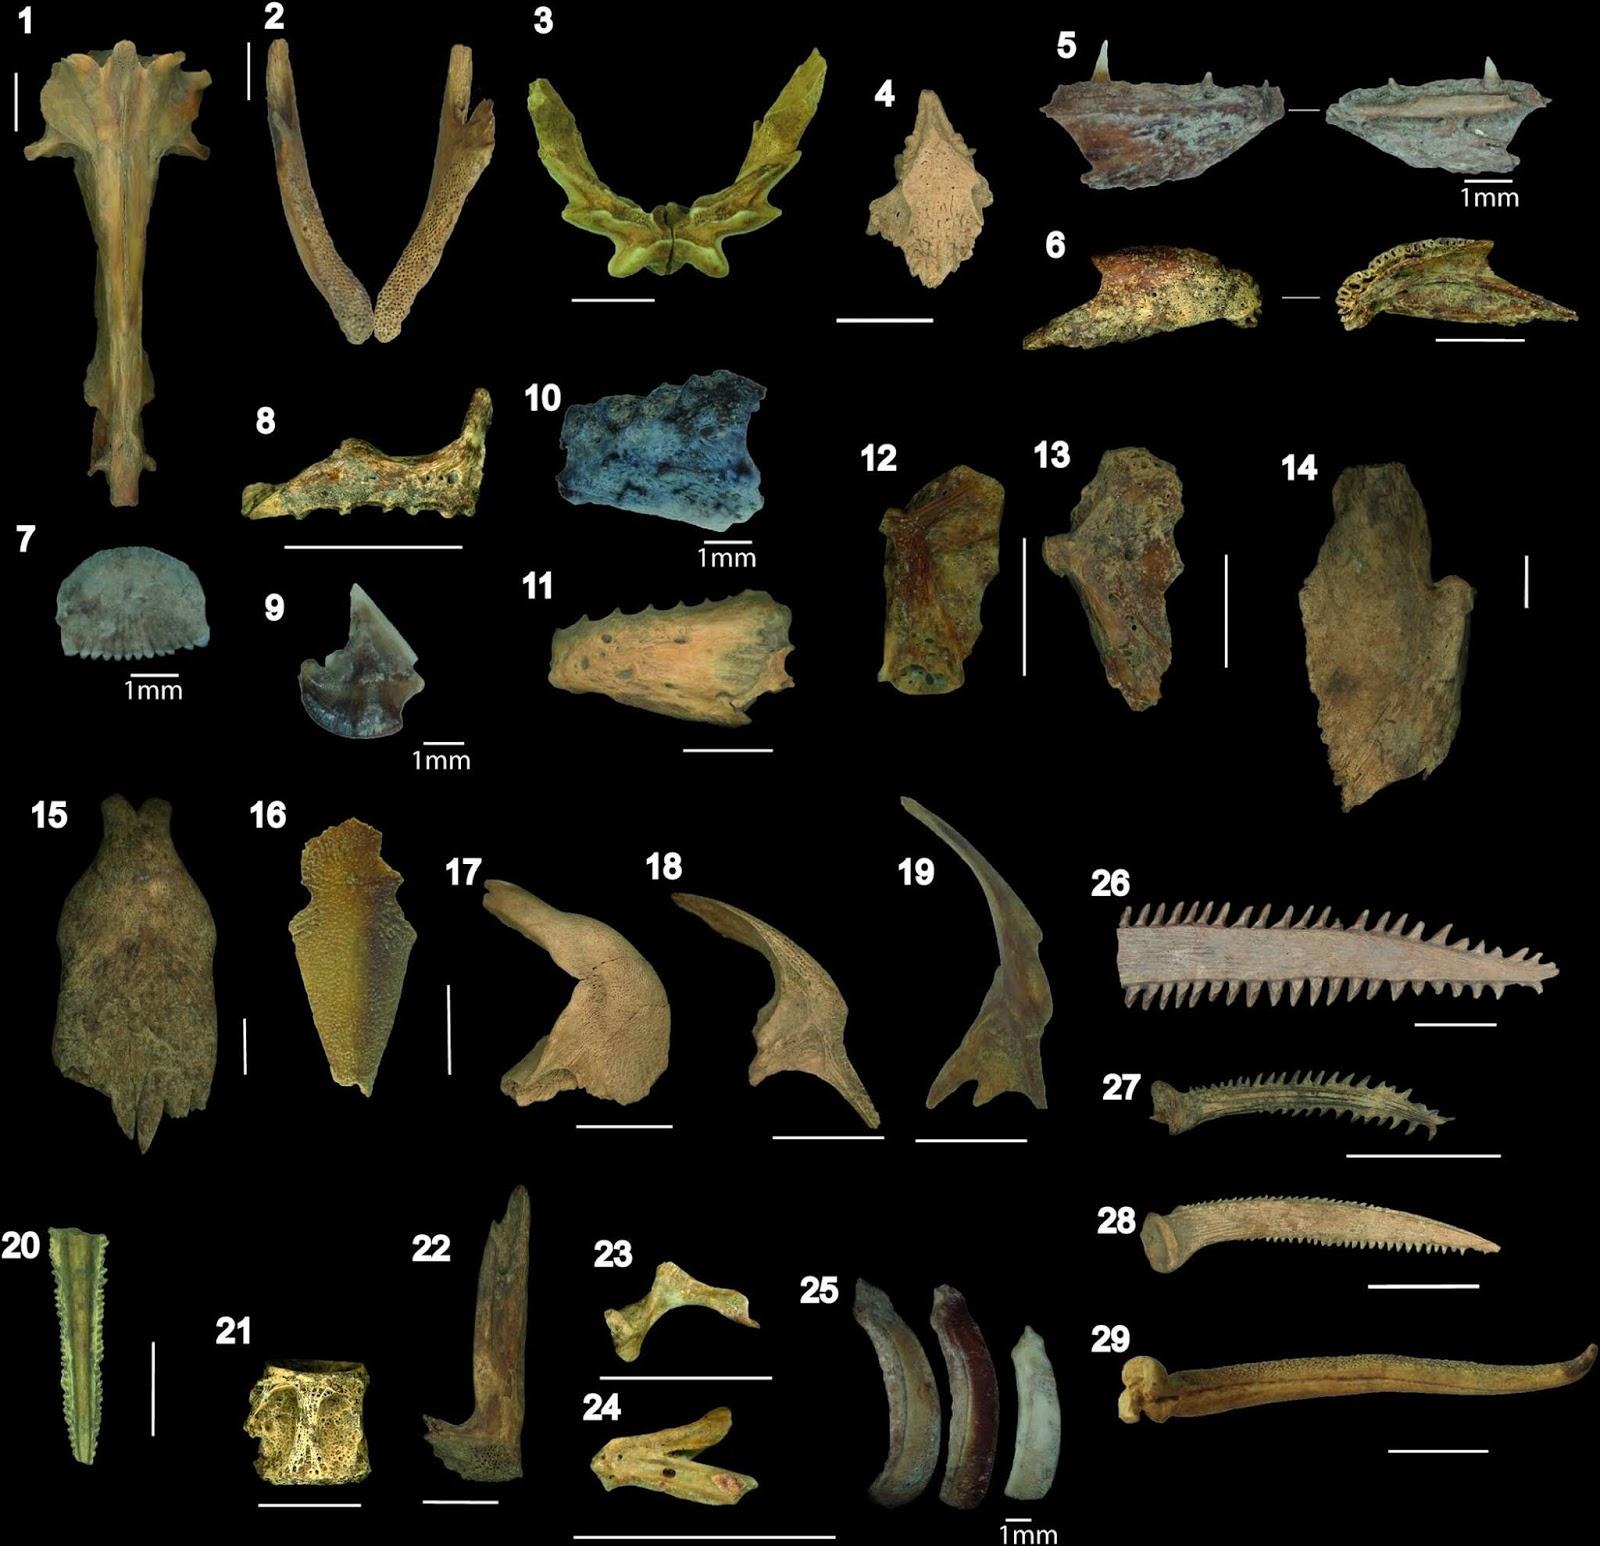 Тысячу лет назад жители Боливии разводили рыбу в искусственных водоемах